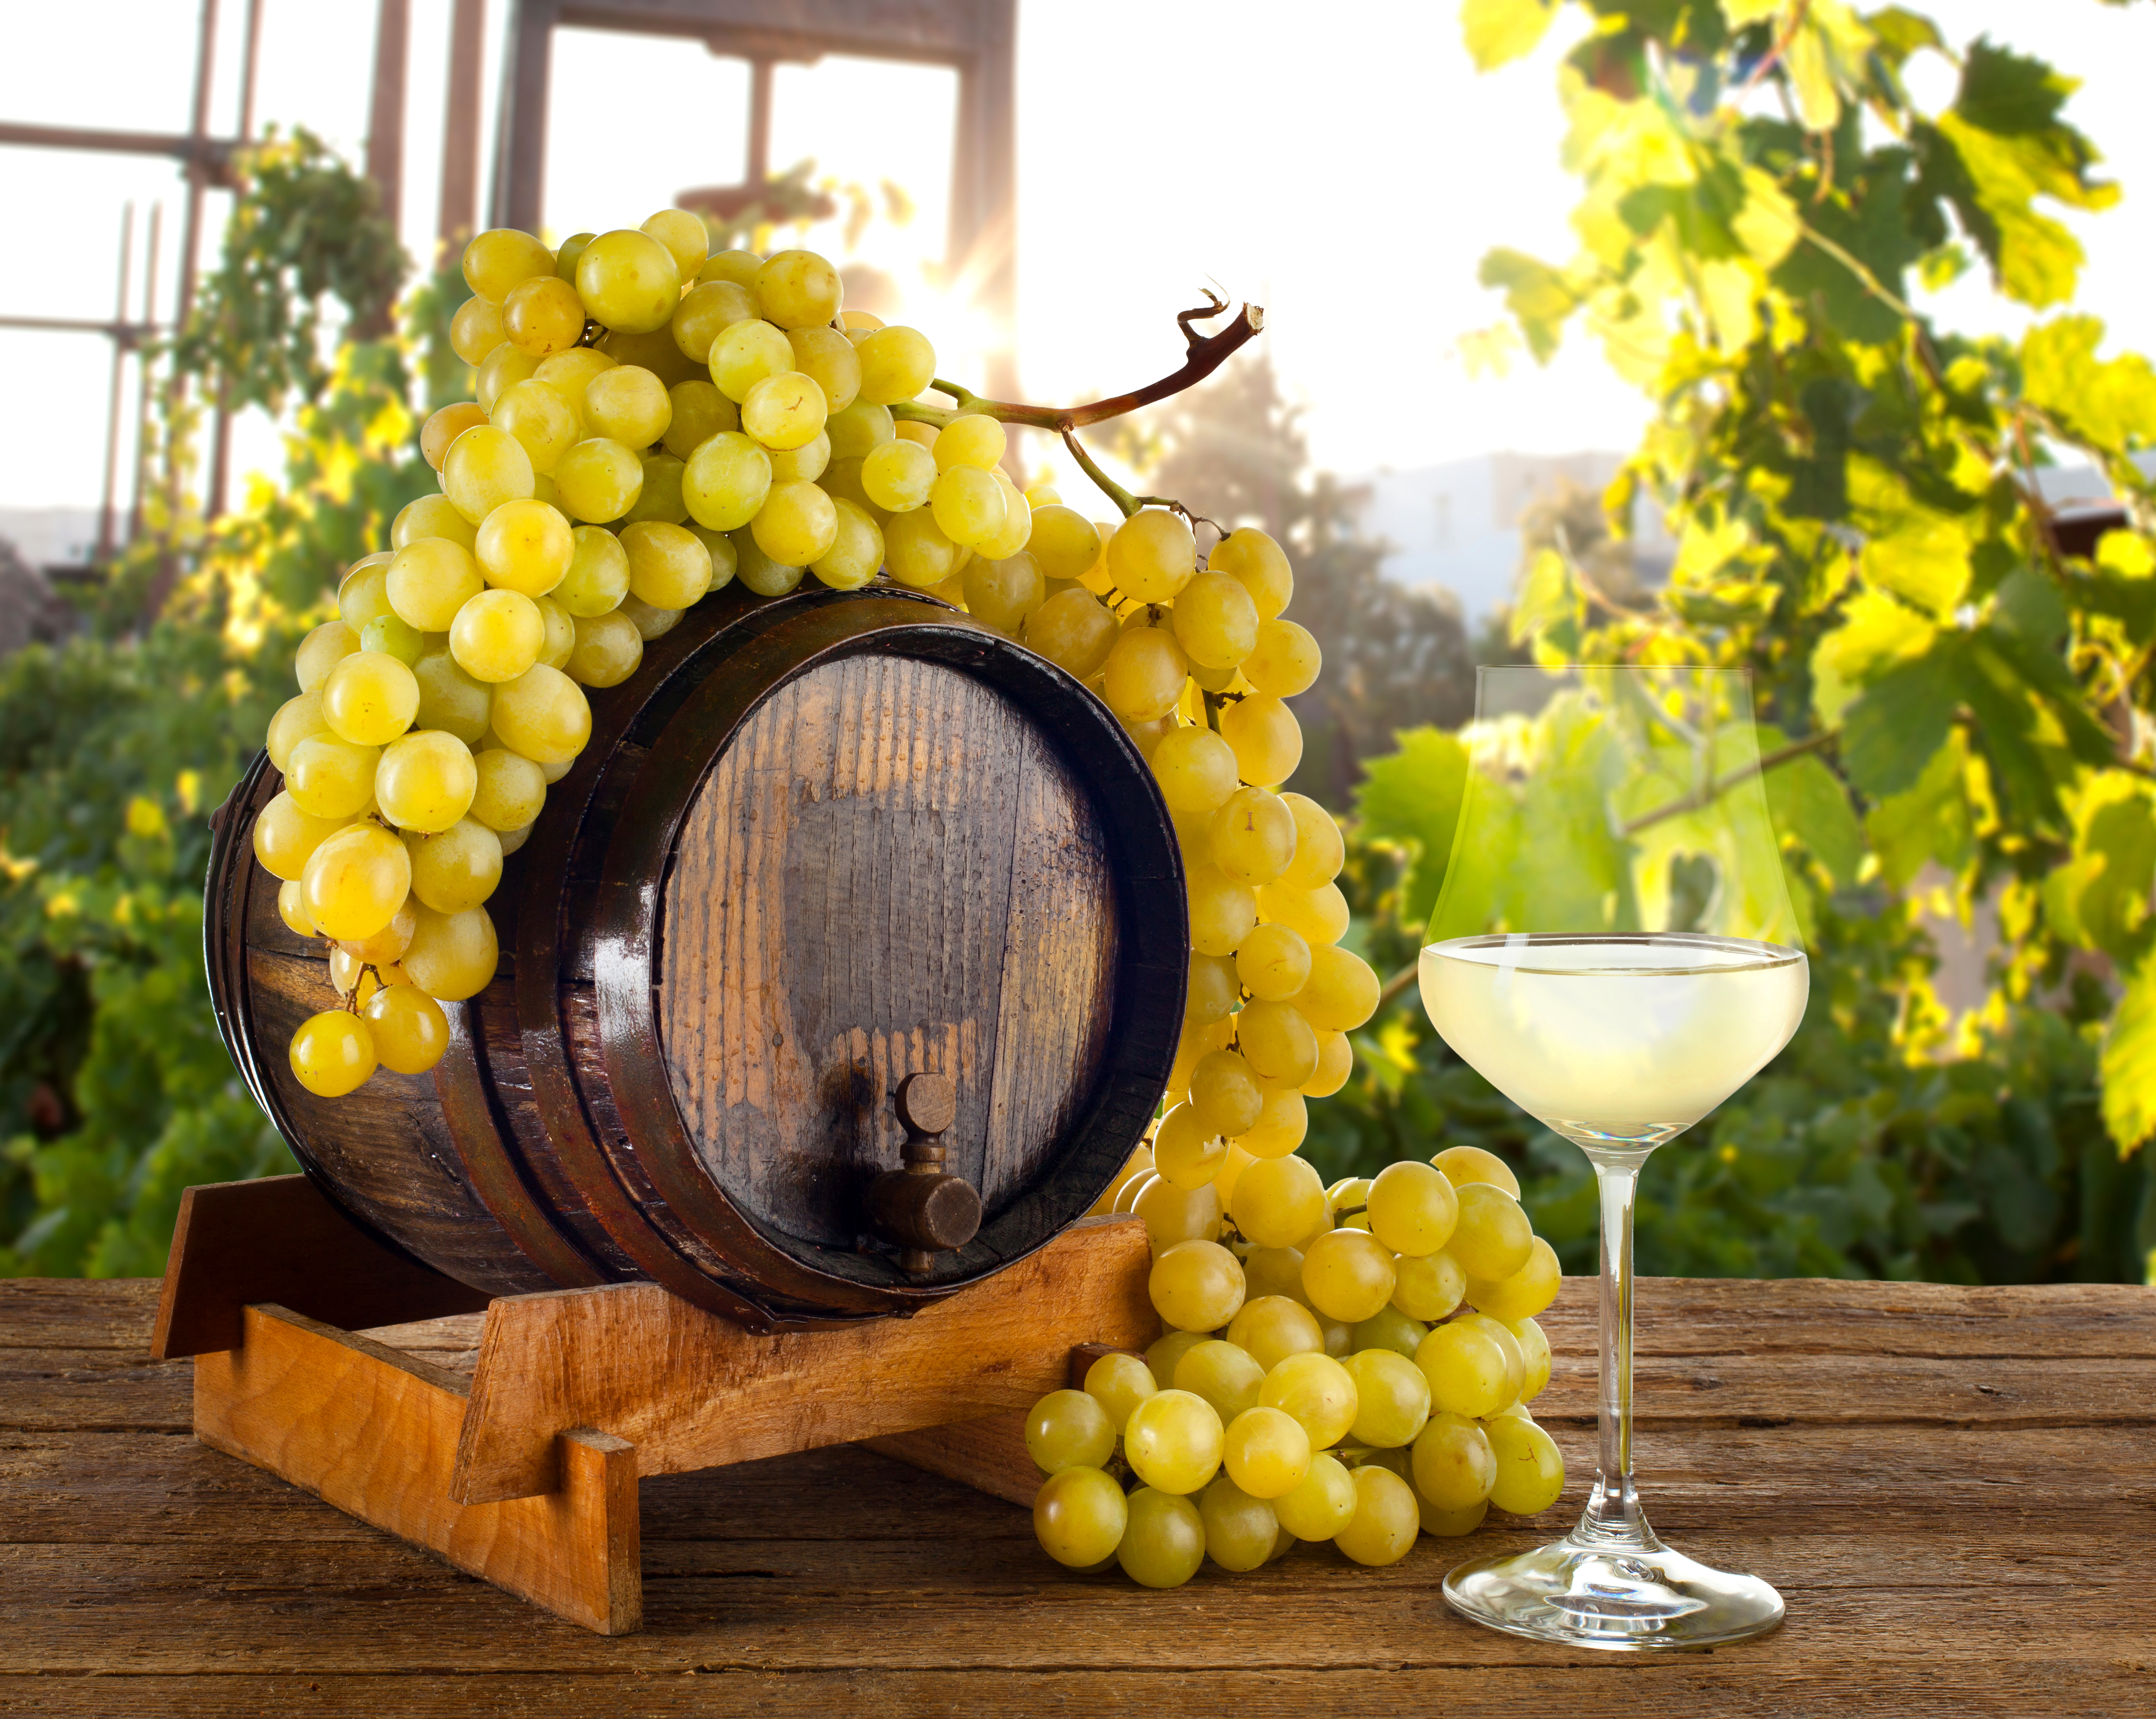 Вино виноград бочка без смс